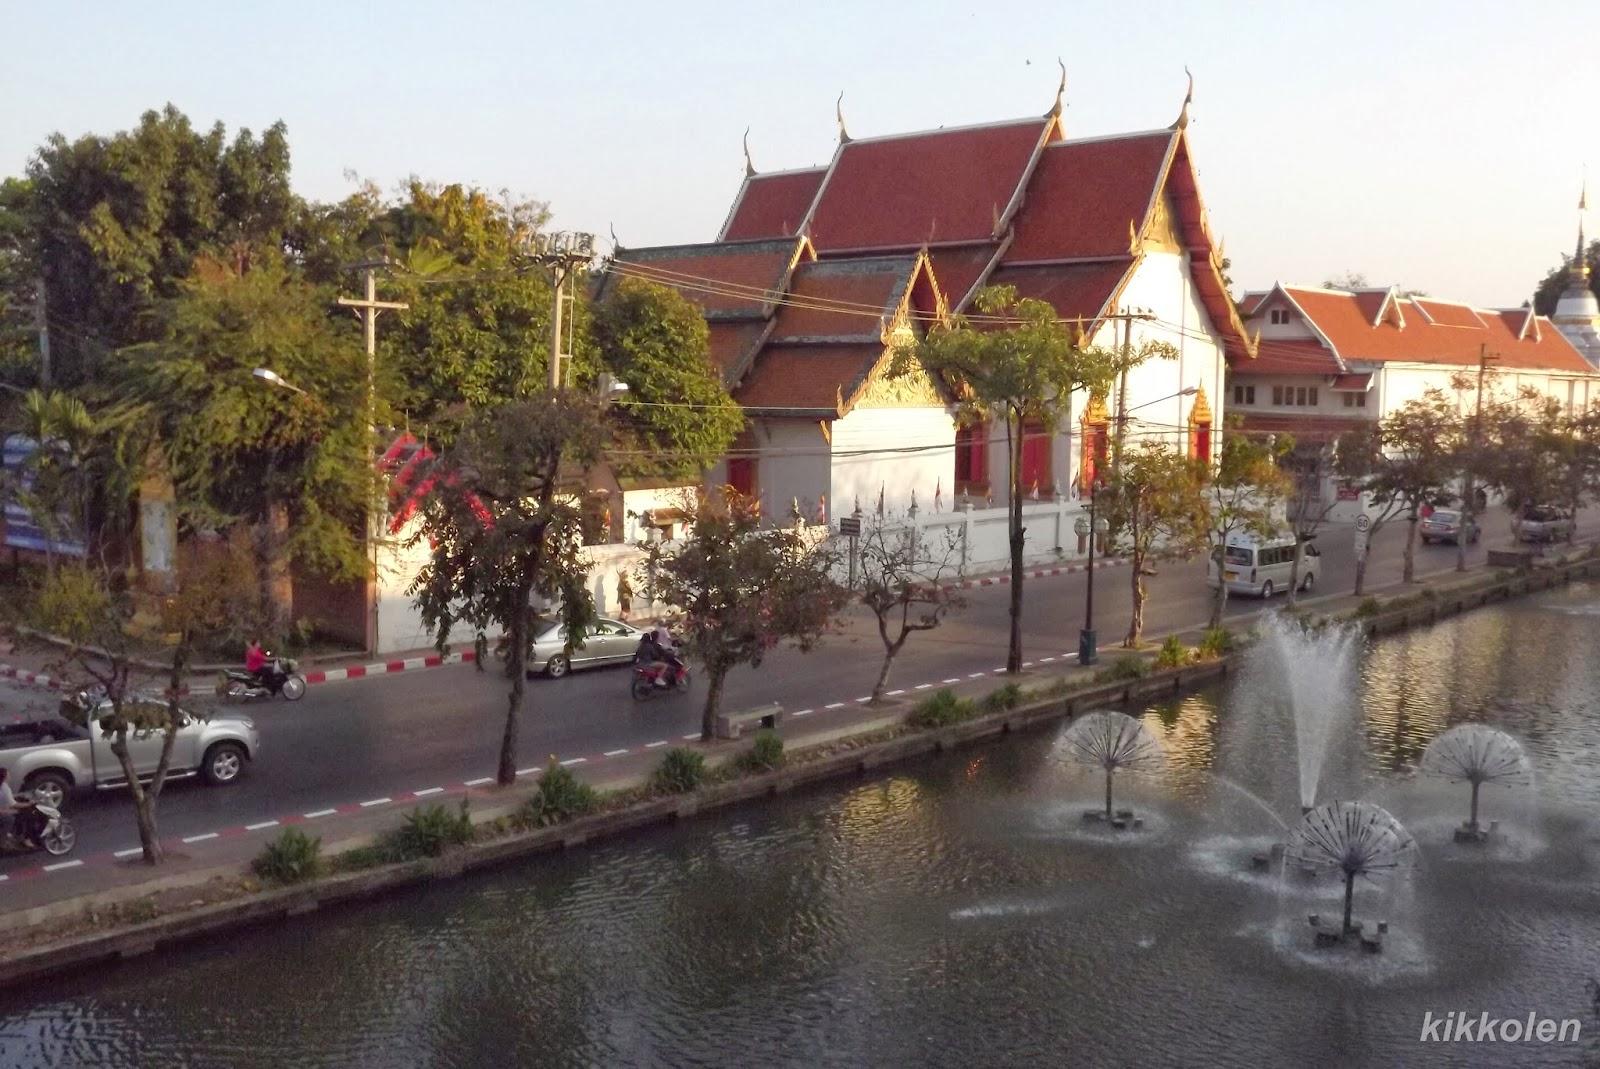 cambiare vita, thailandia